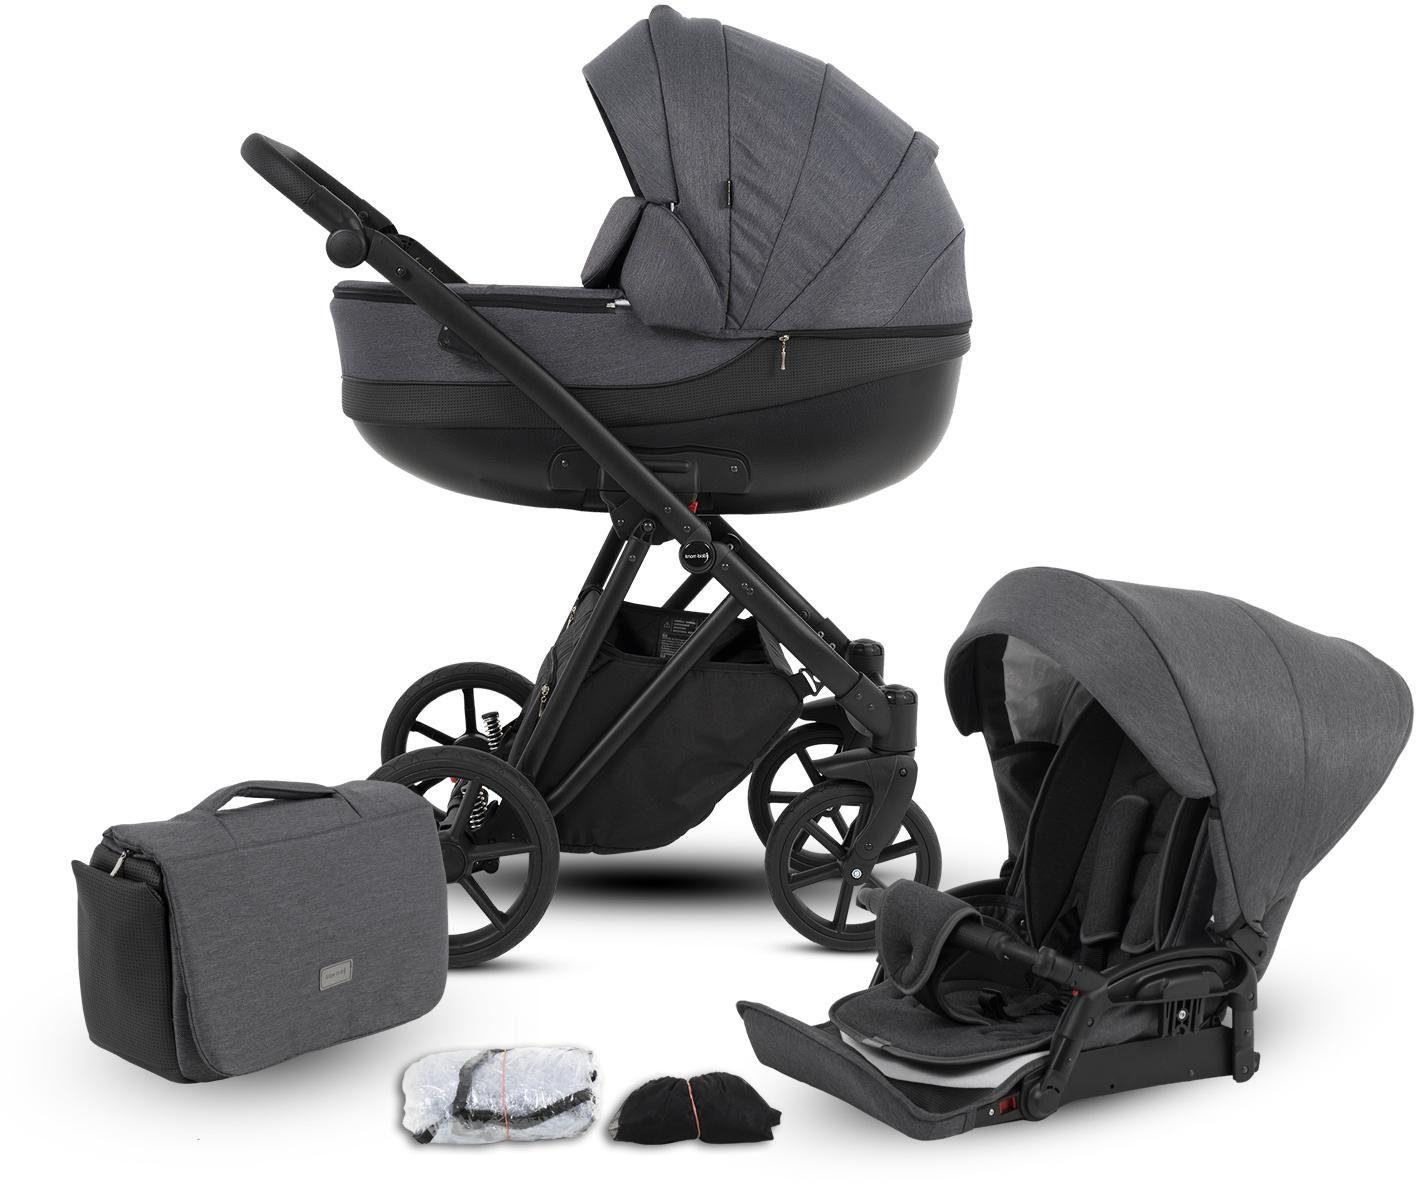 """Knorrbaby Kombi-Kinderwagen """"YAP grau"""" Kindermode/Ausstattung/Kinderwagen & Buggies/Kinderwagen/Kombikinderwagen"""